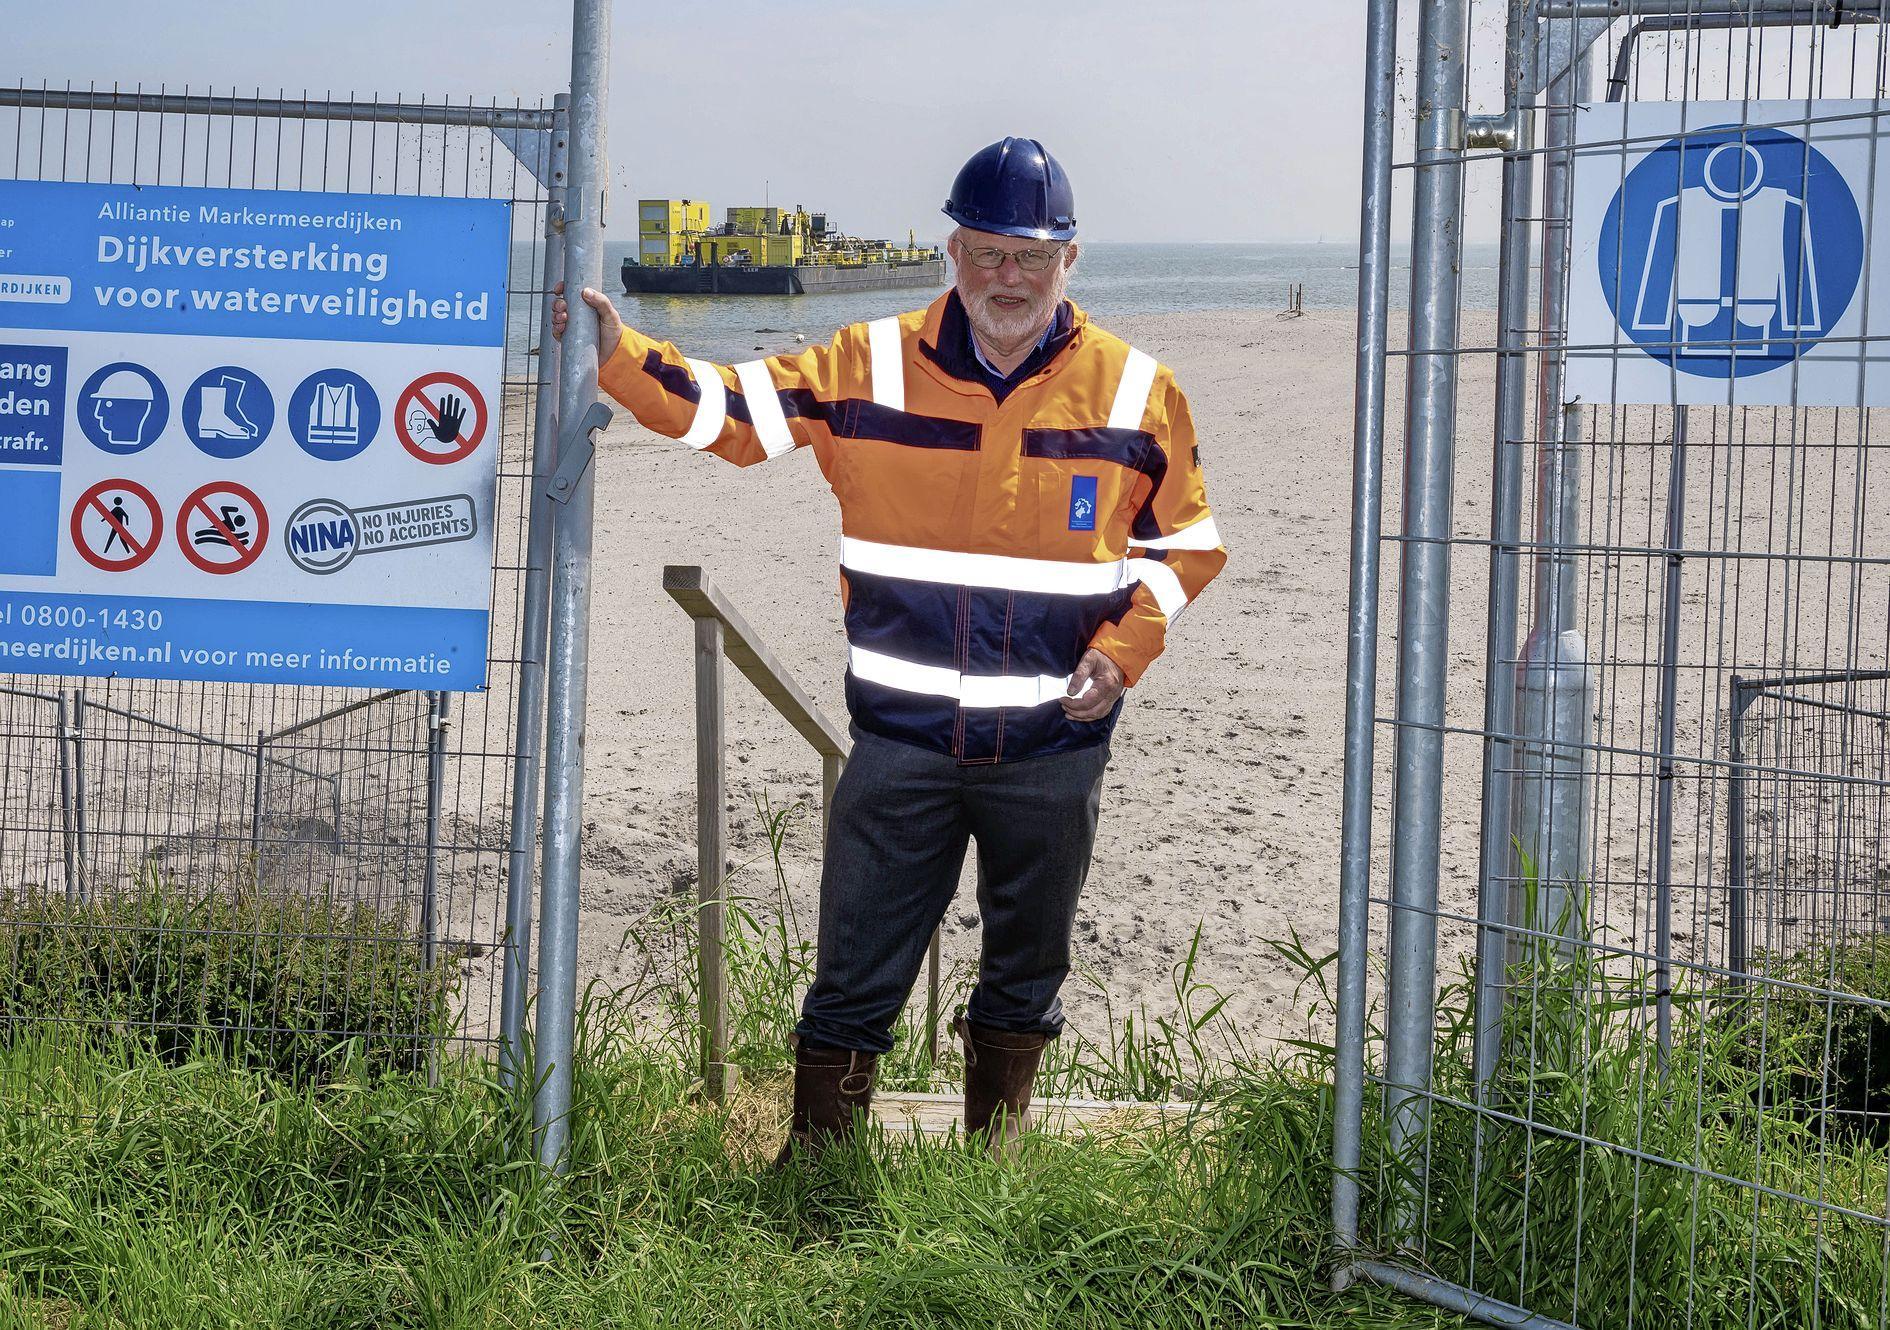 Waterschapsbestuurder Rob Veenman over de dijk in Uitdam: 'Een dijk versterken die tegen de woningen aan staat, is vragen om moeilijkheden'